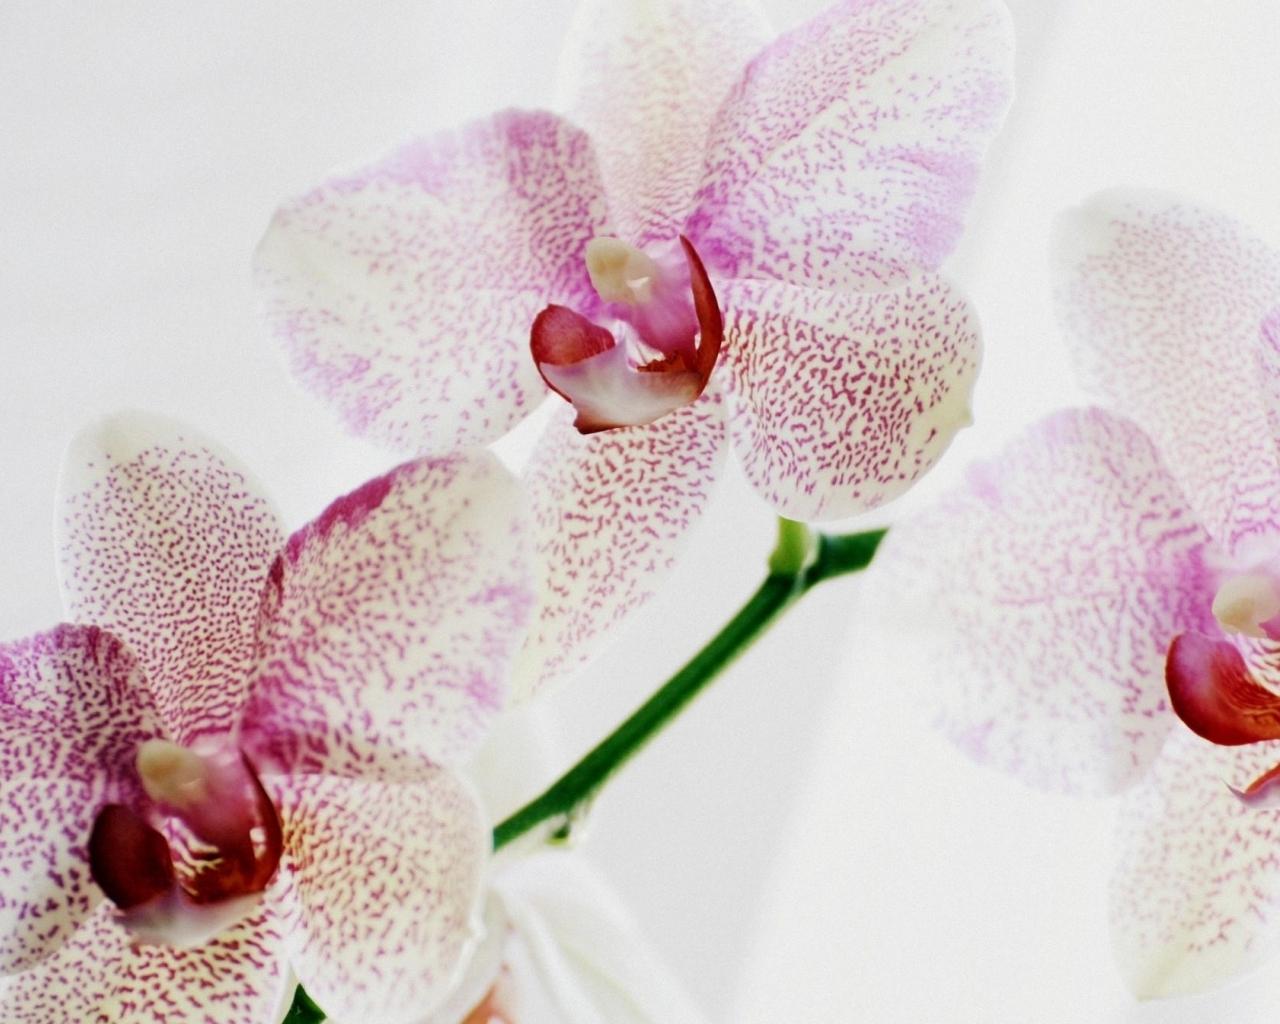 16131 descargar fondo de pantalla Plantas, Flores: protectores de pantalla e imágenes gratis